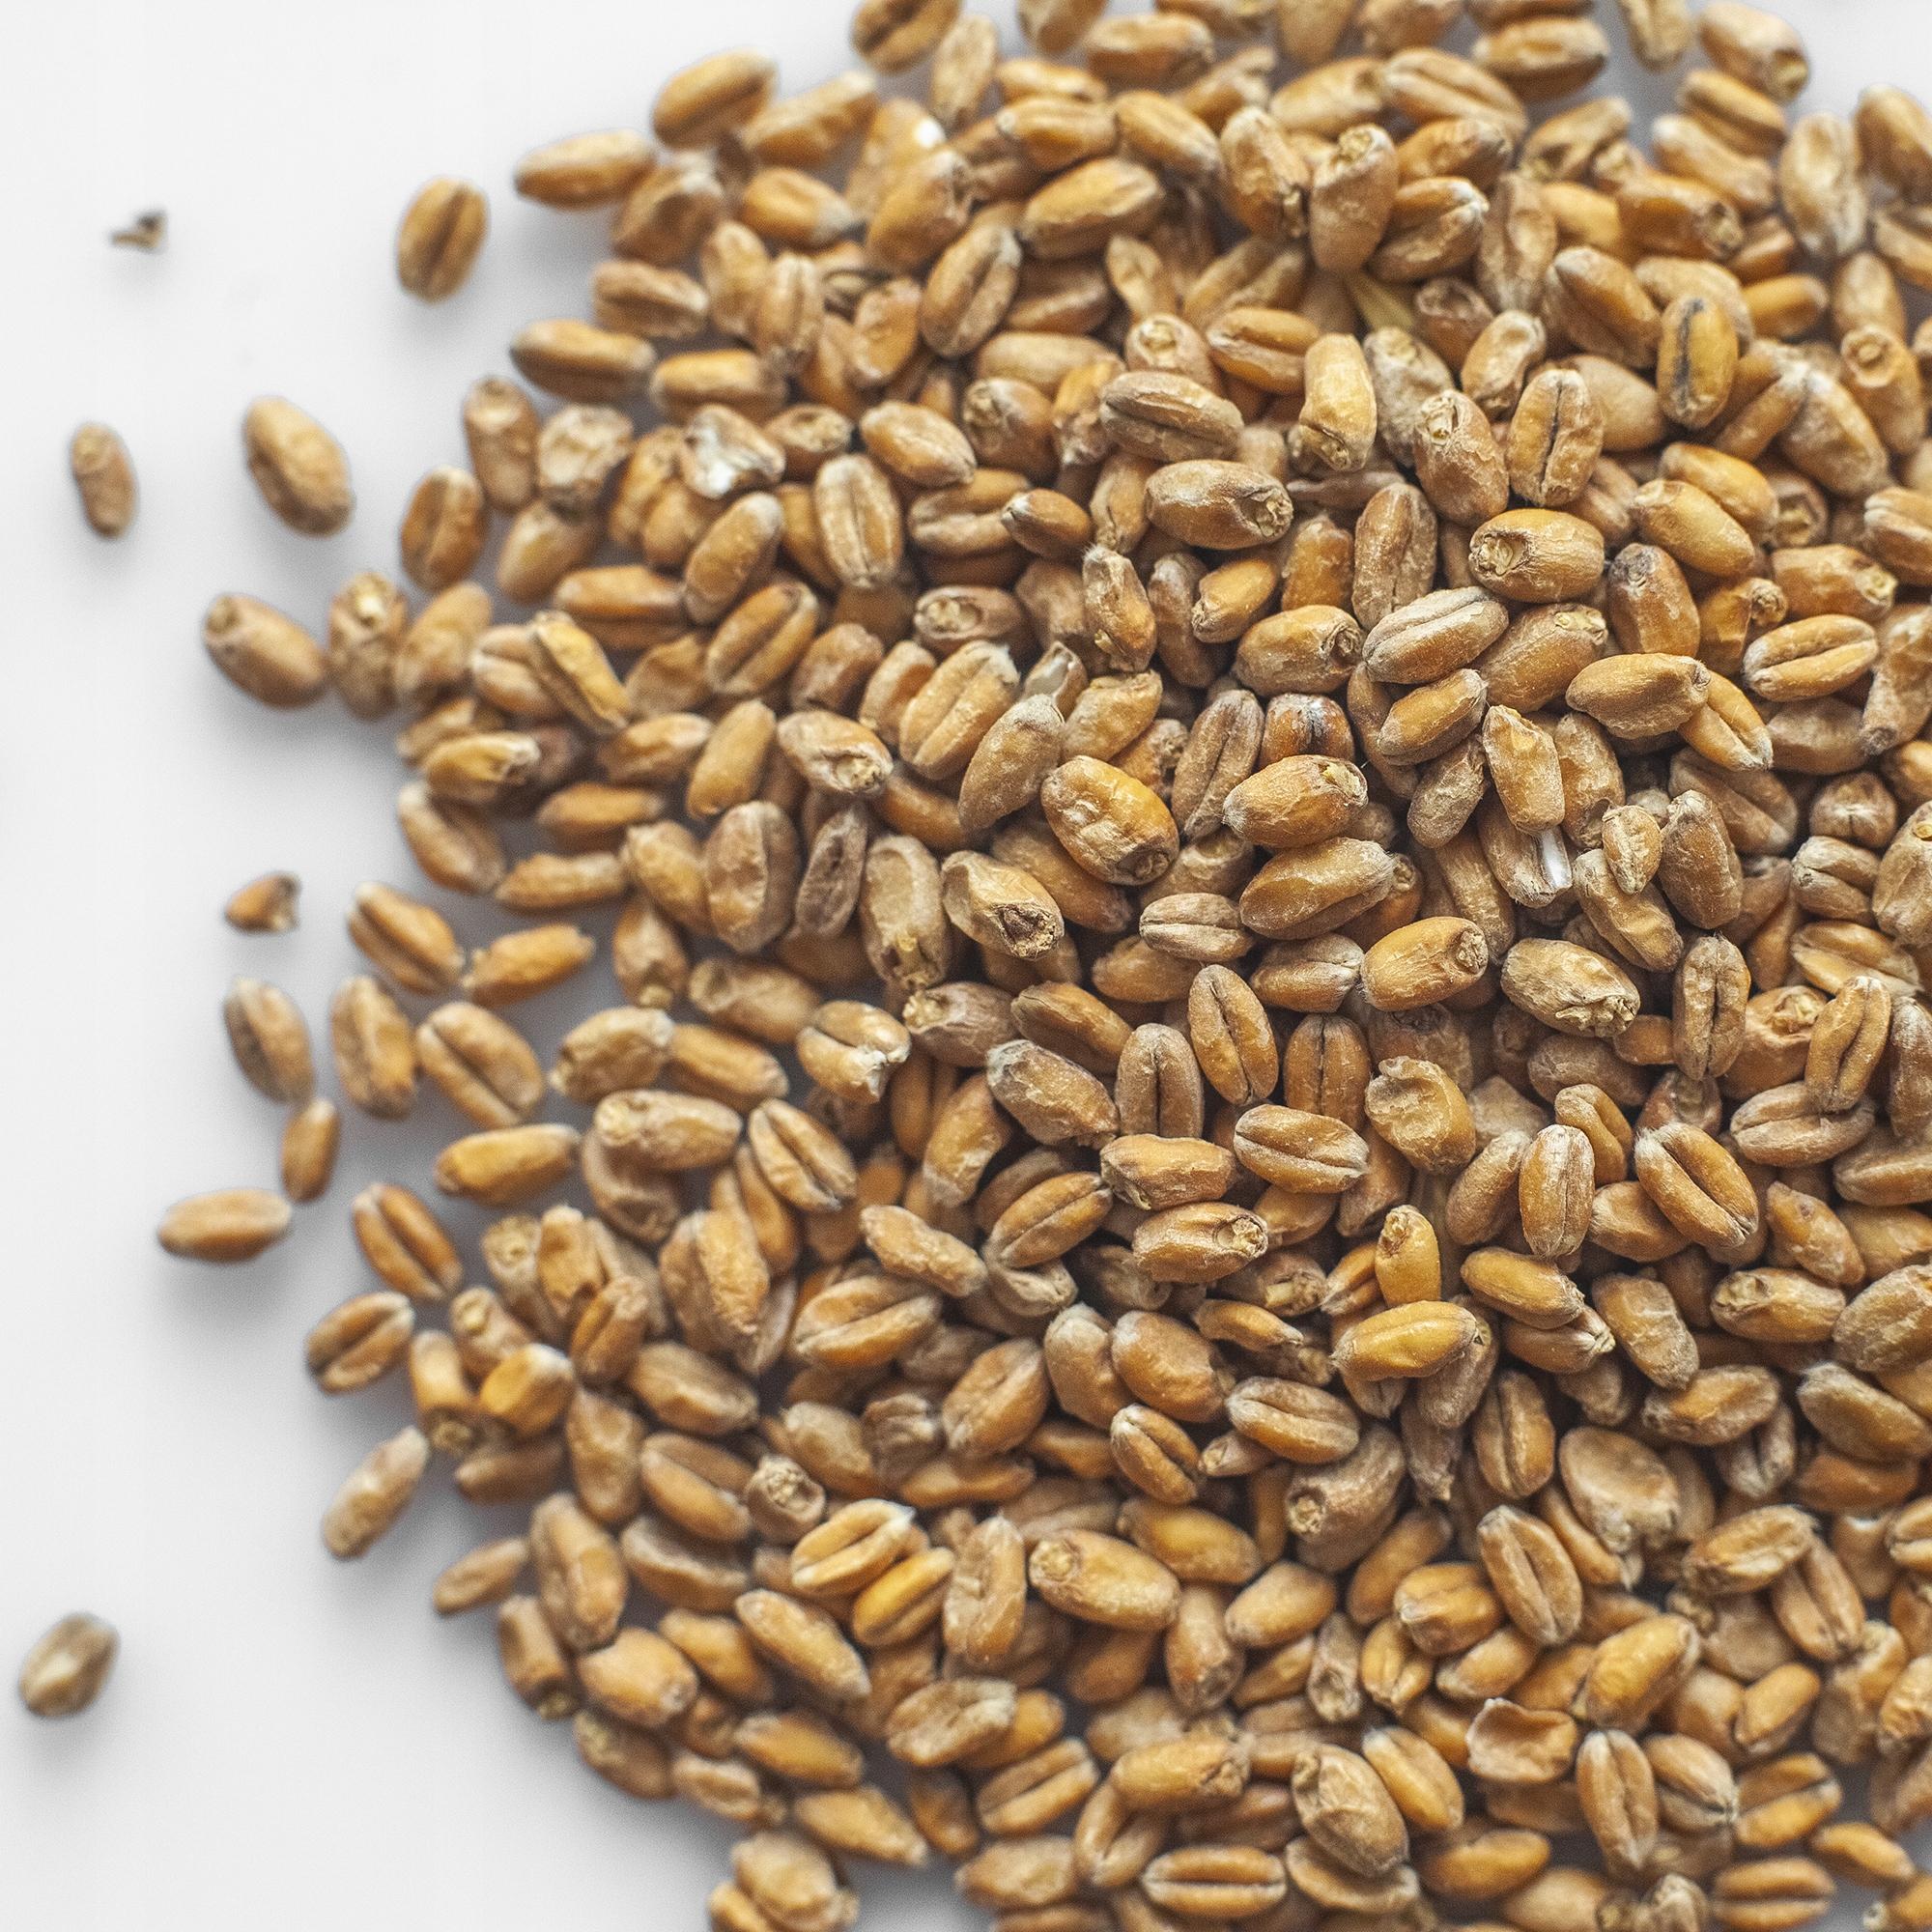 пшеничный солод фото раве снимать